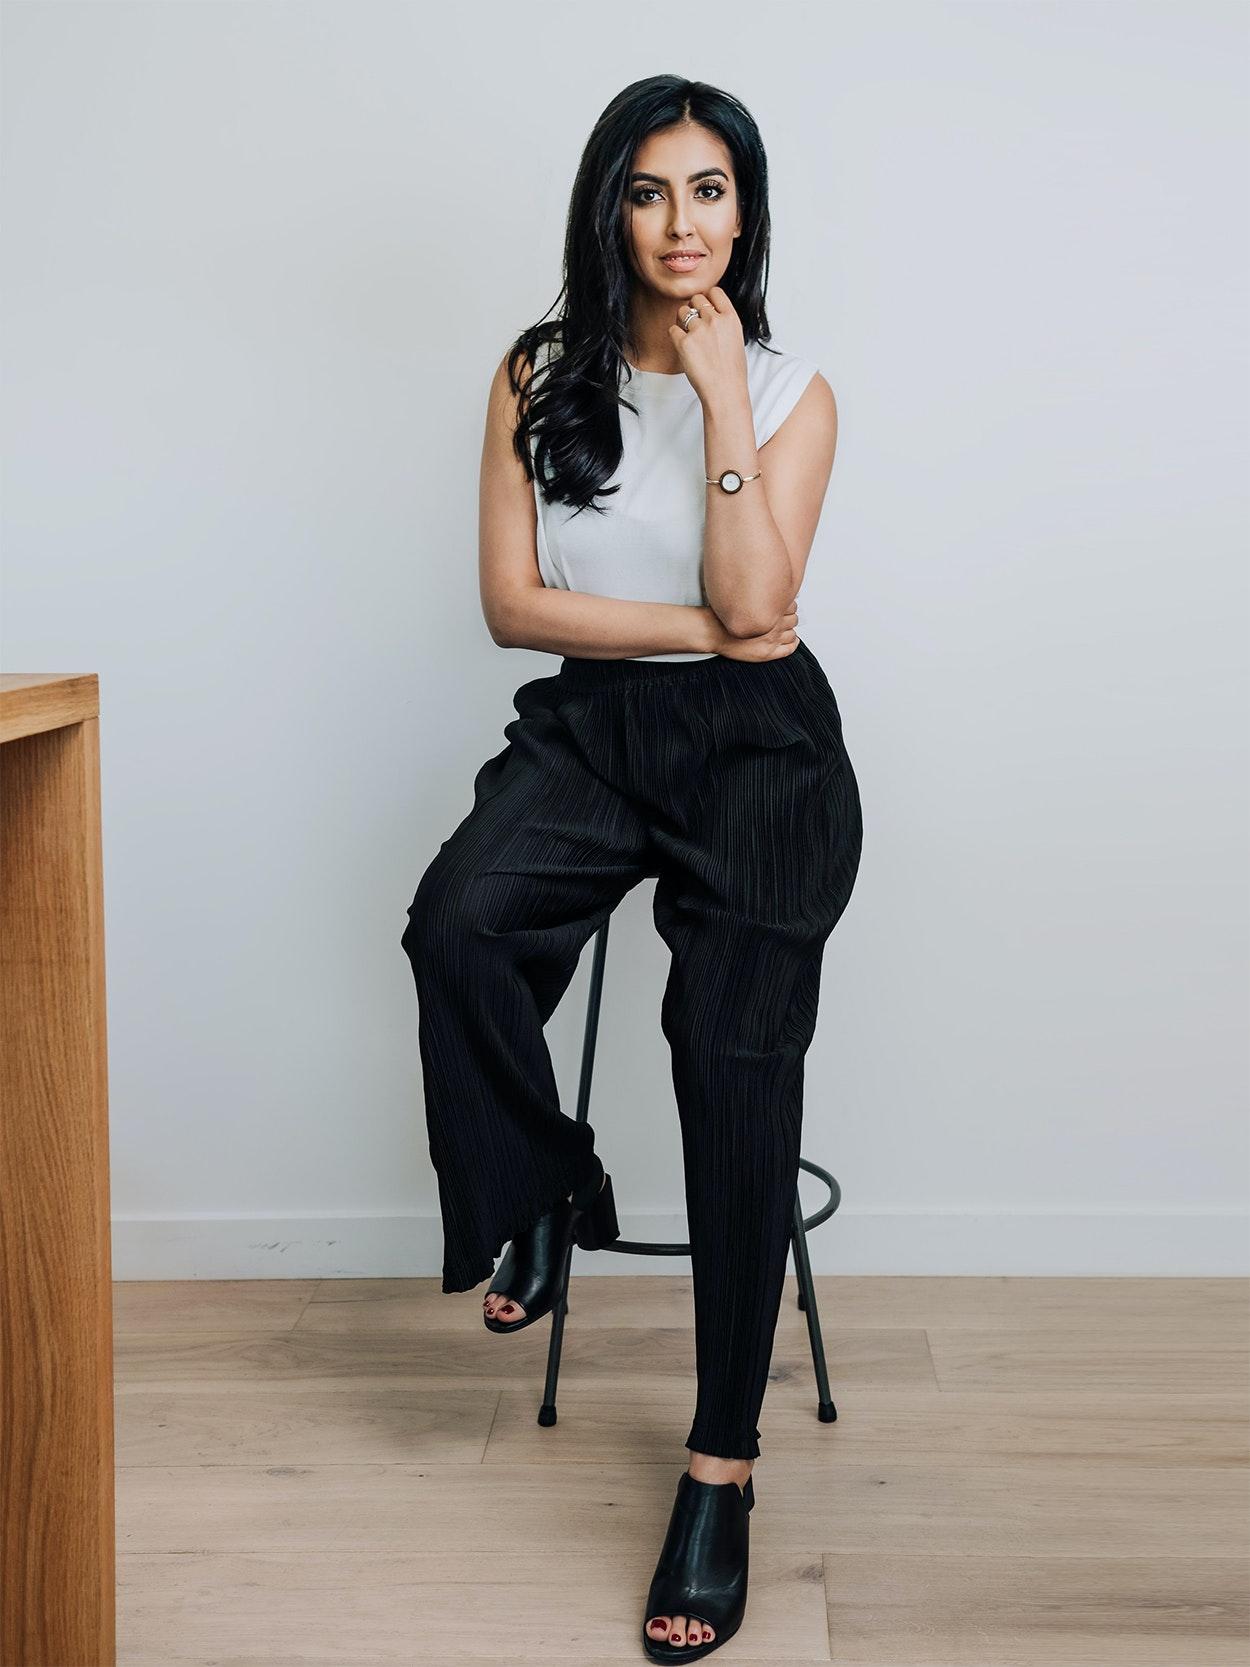 Nadia Musavvir